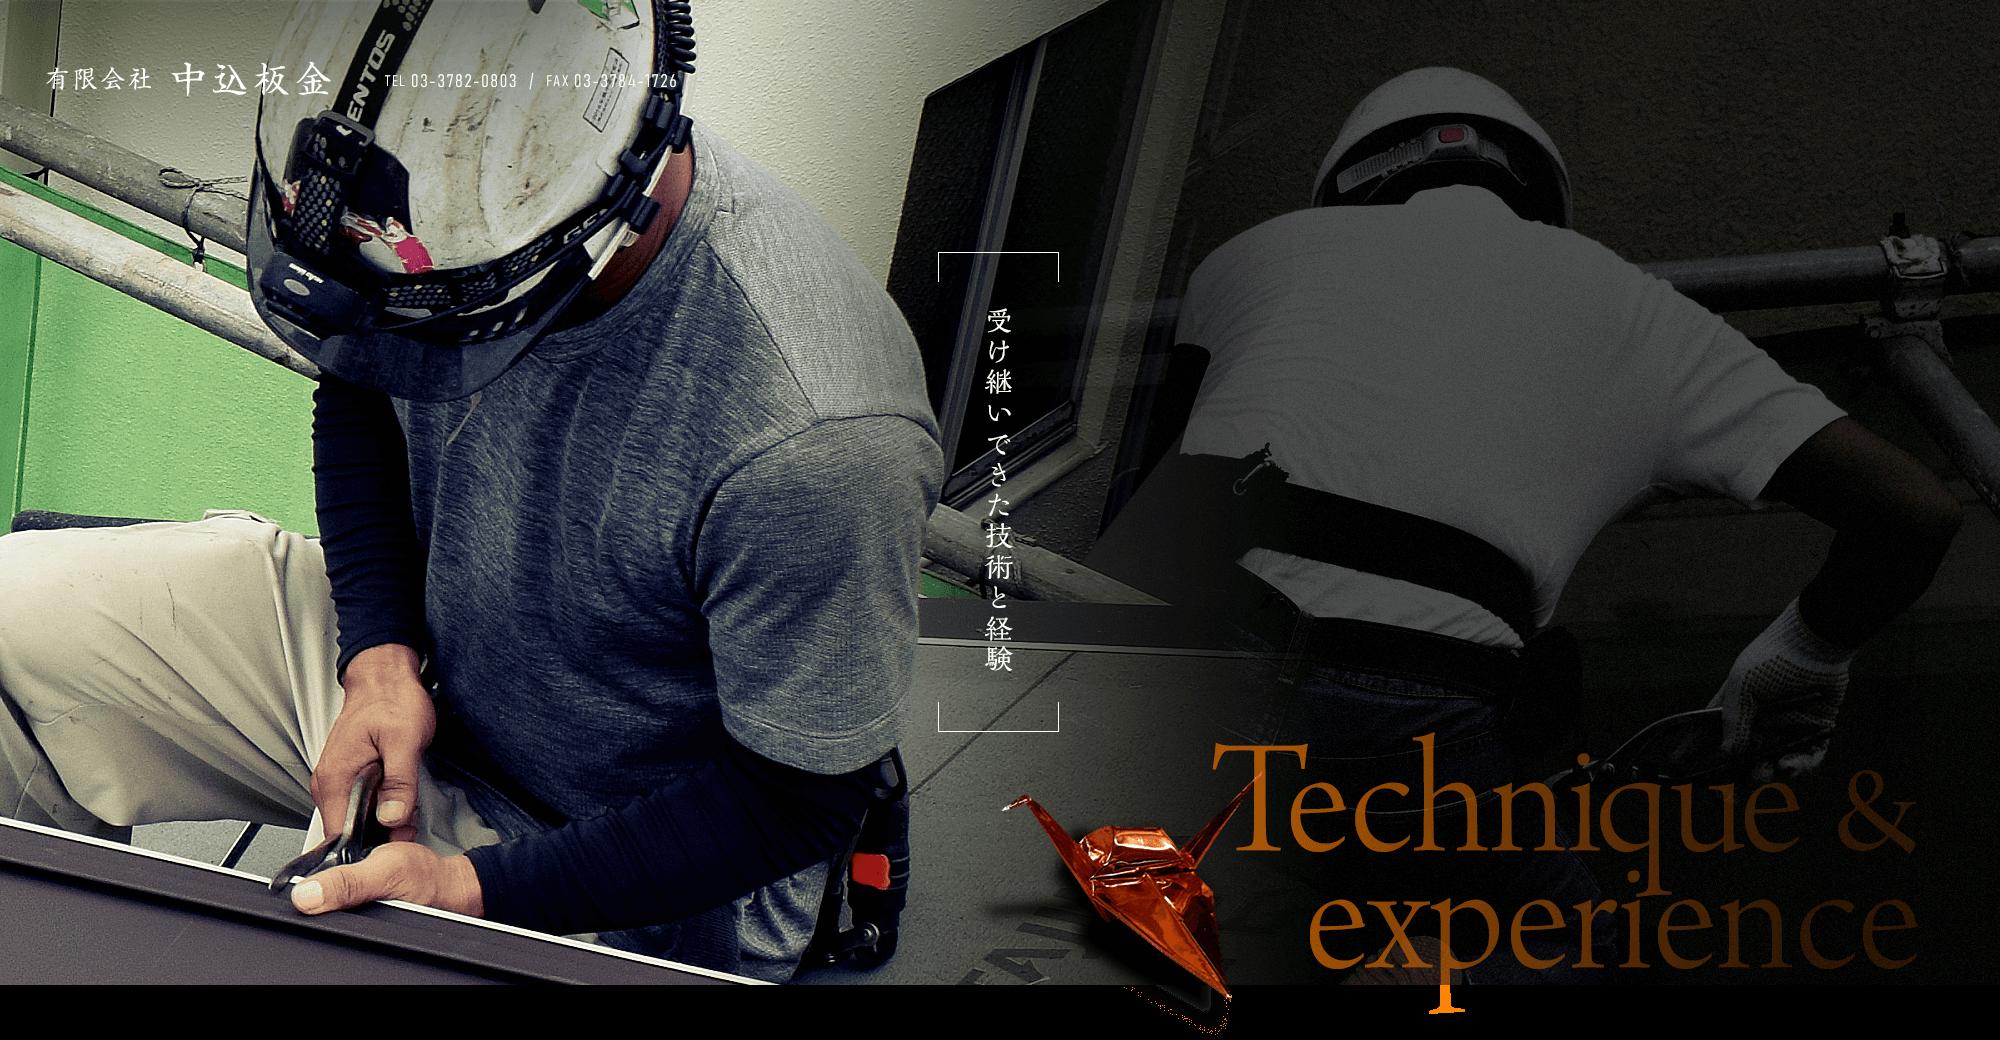 受け継いできた技術と経験